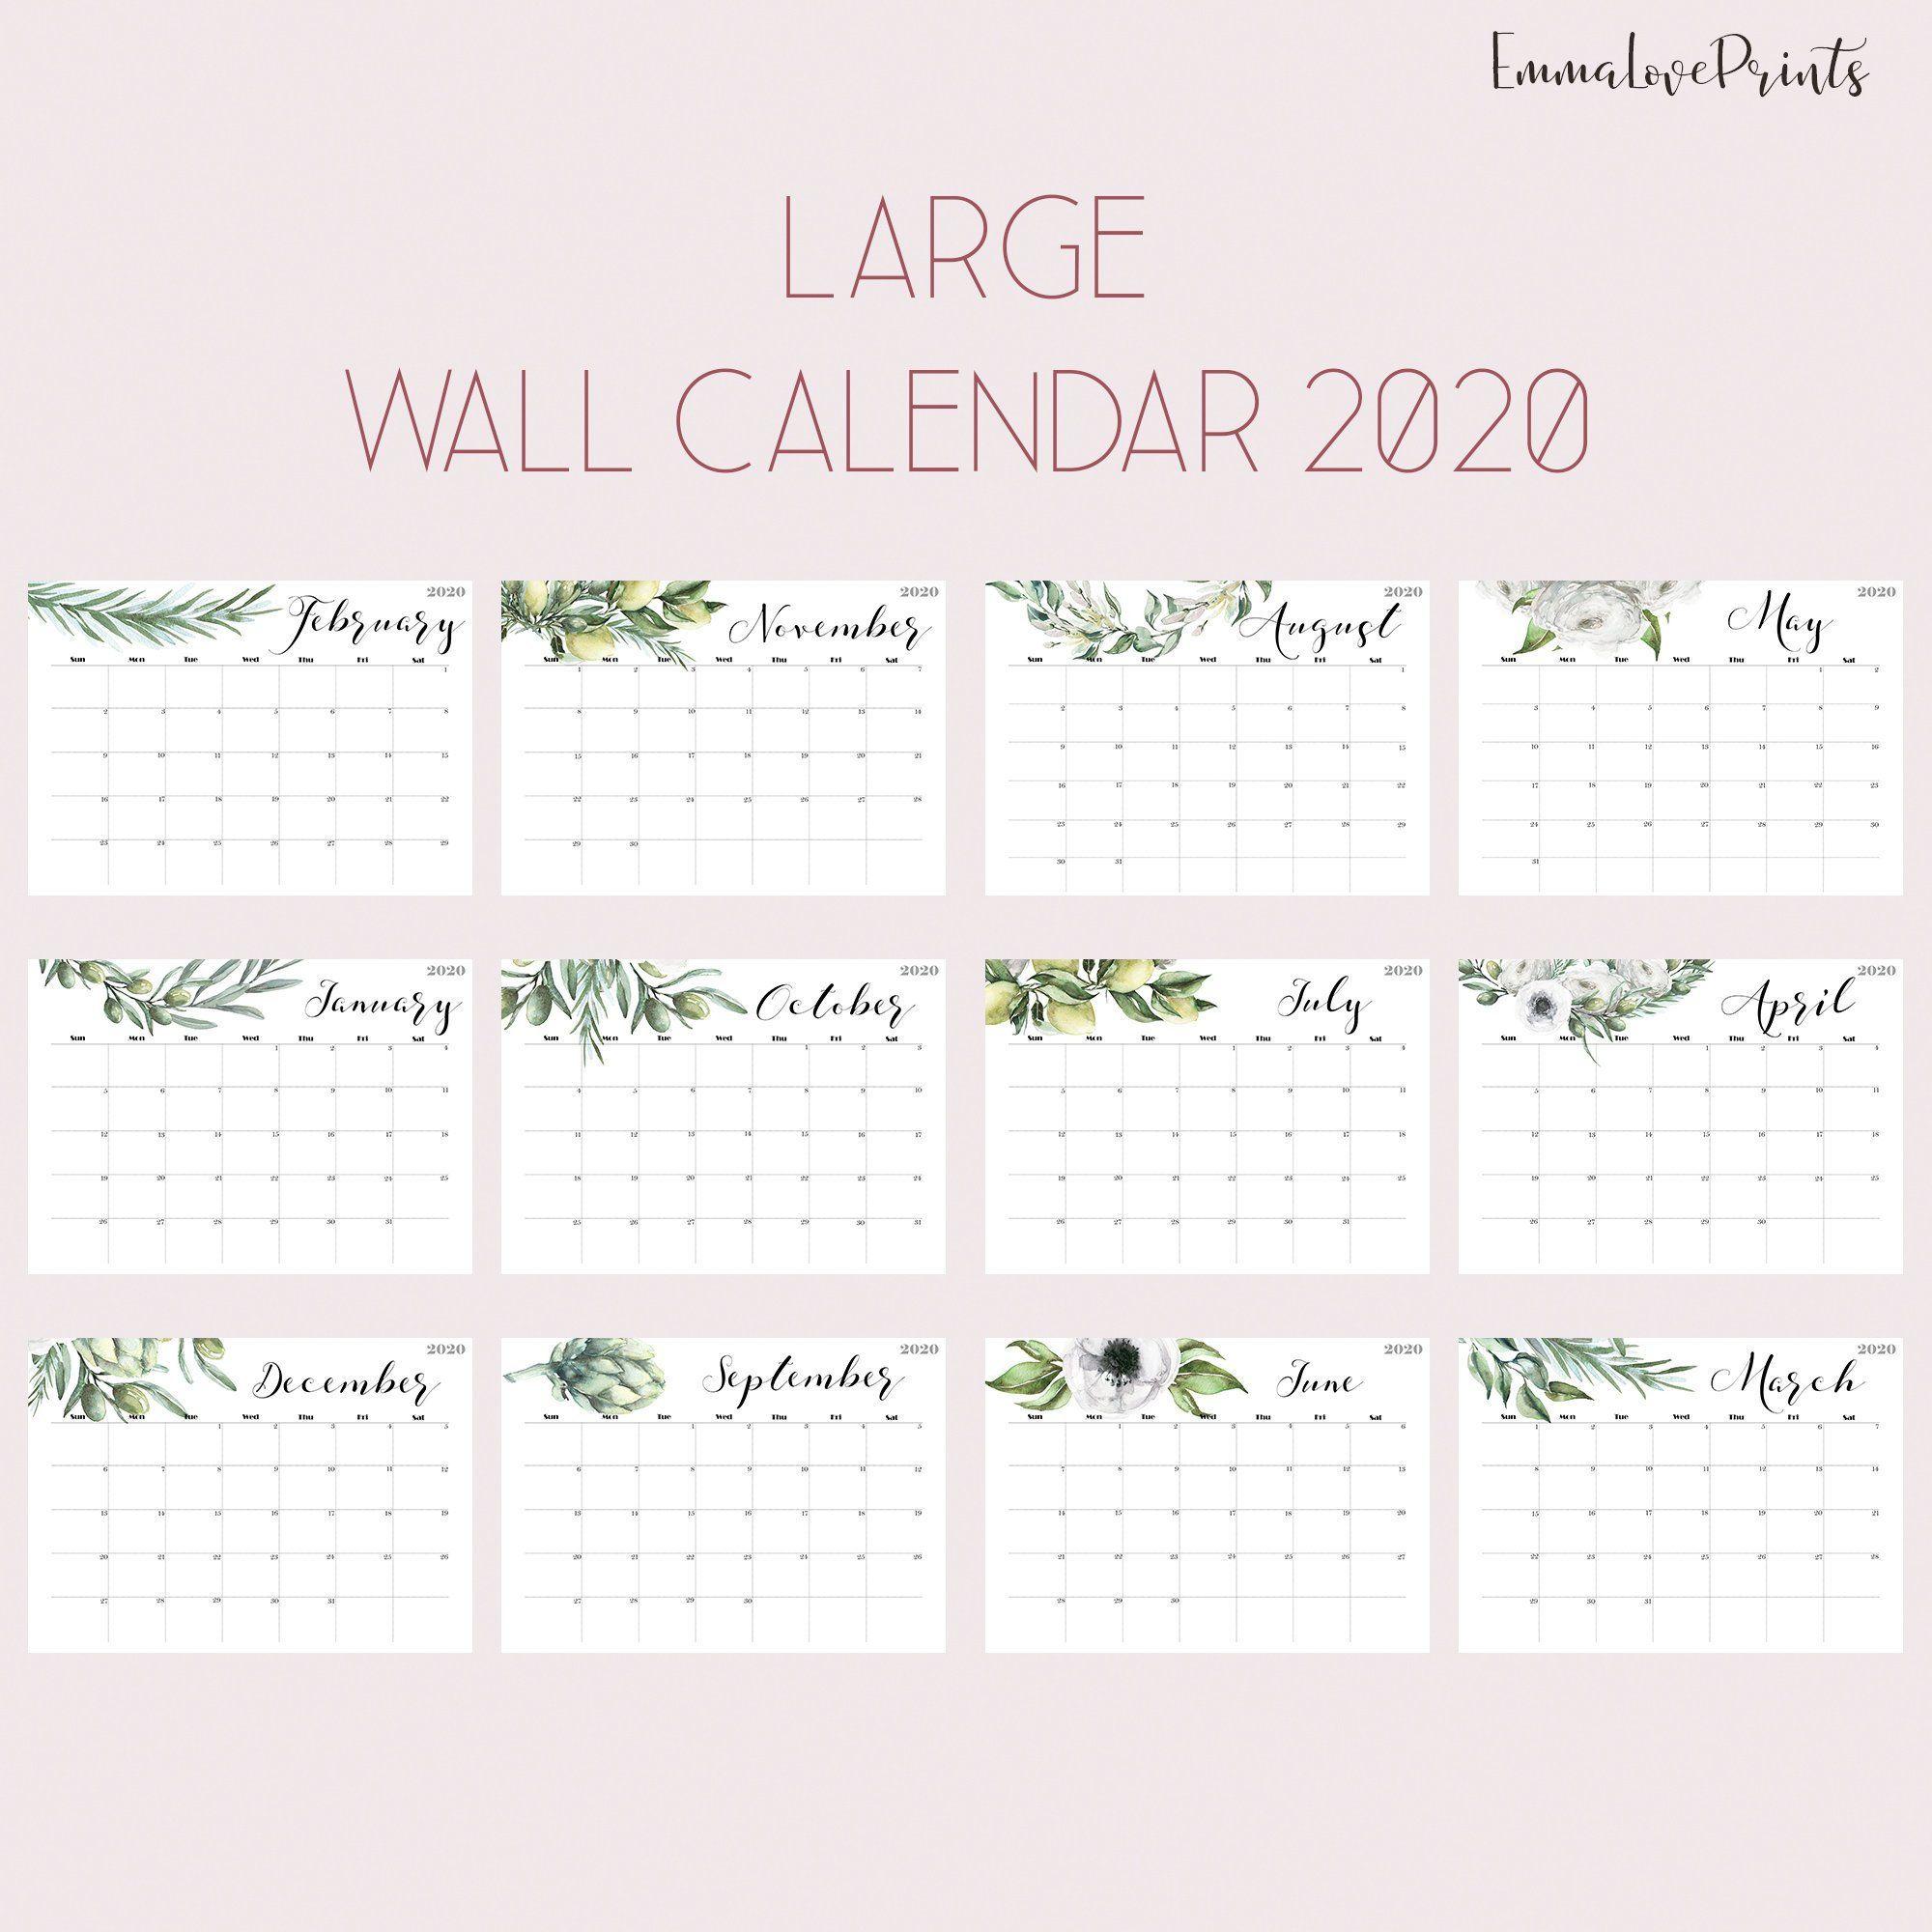 Printable December 2020 Calendar Memo Large Wall Calendar 2020 Wall Calendar Printable Botanical Plants